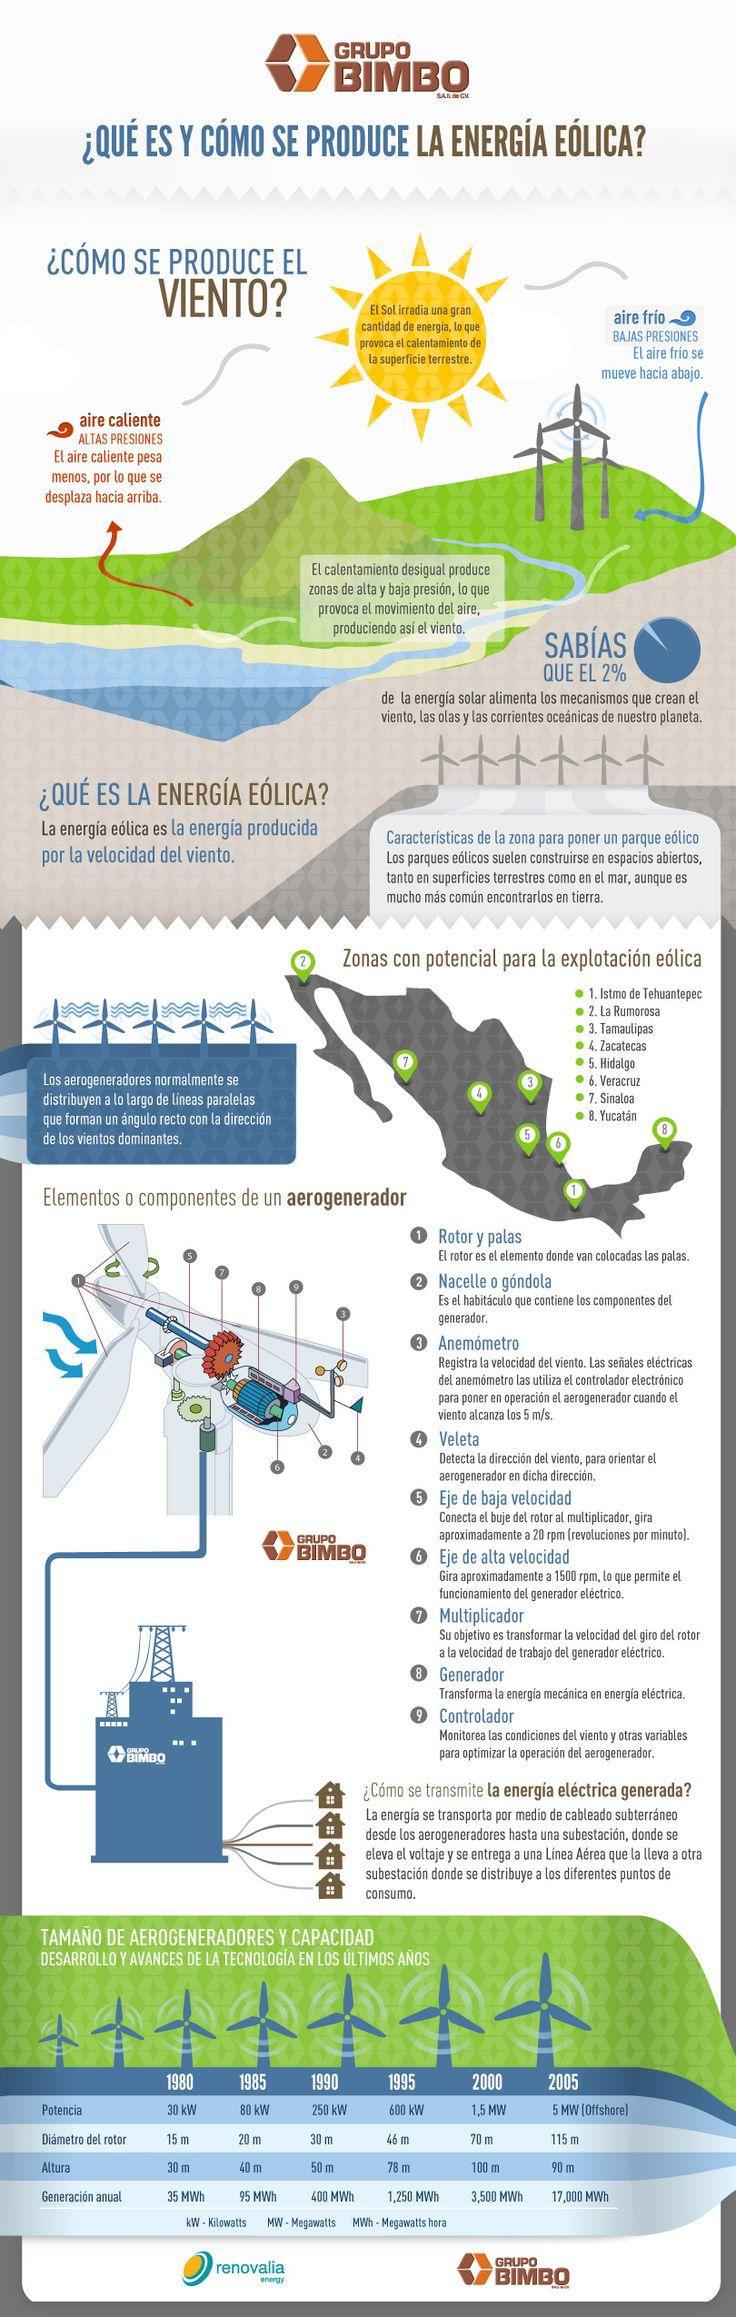 Qué es y cómo se produce la energía eólica #infografia #FP